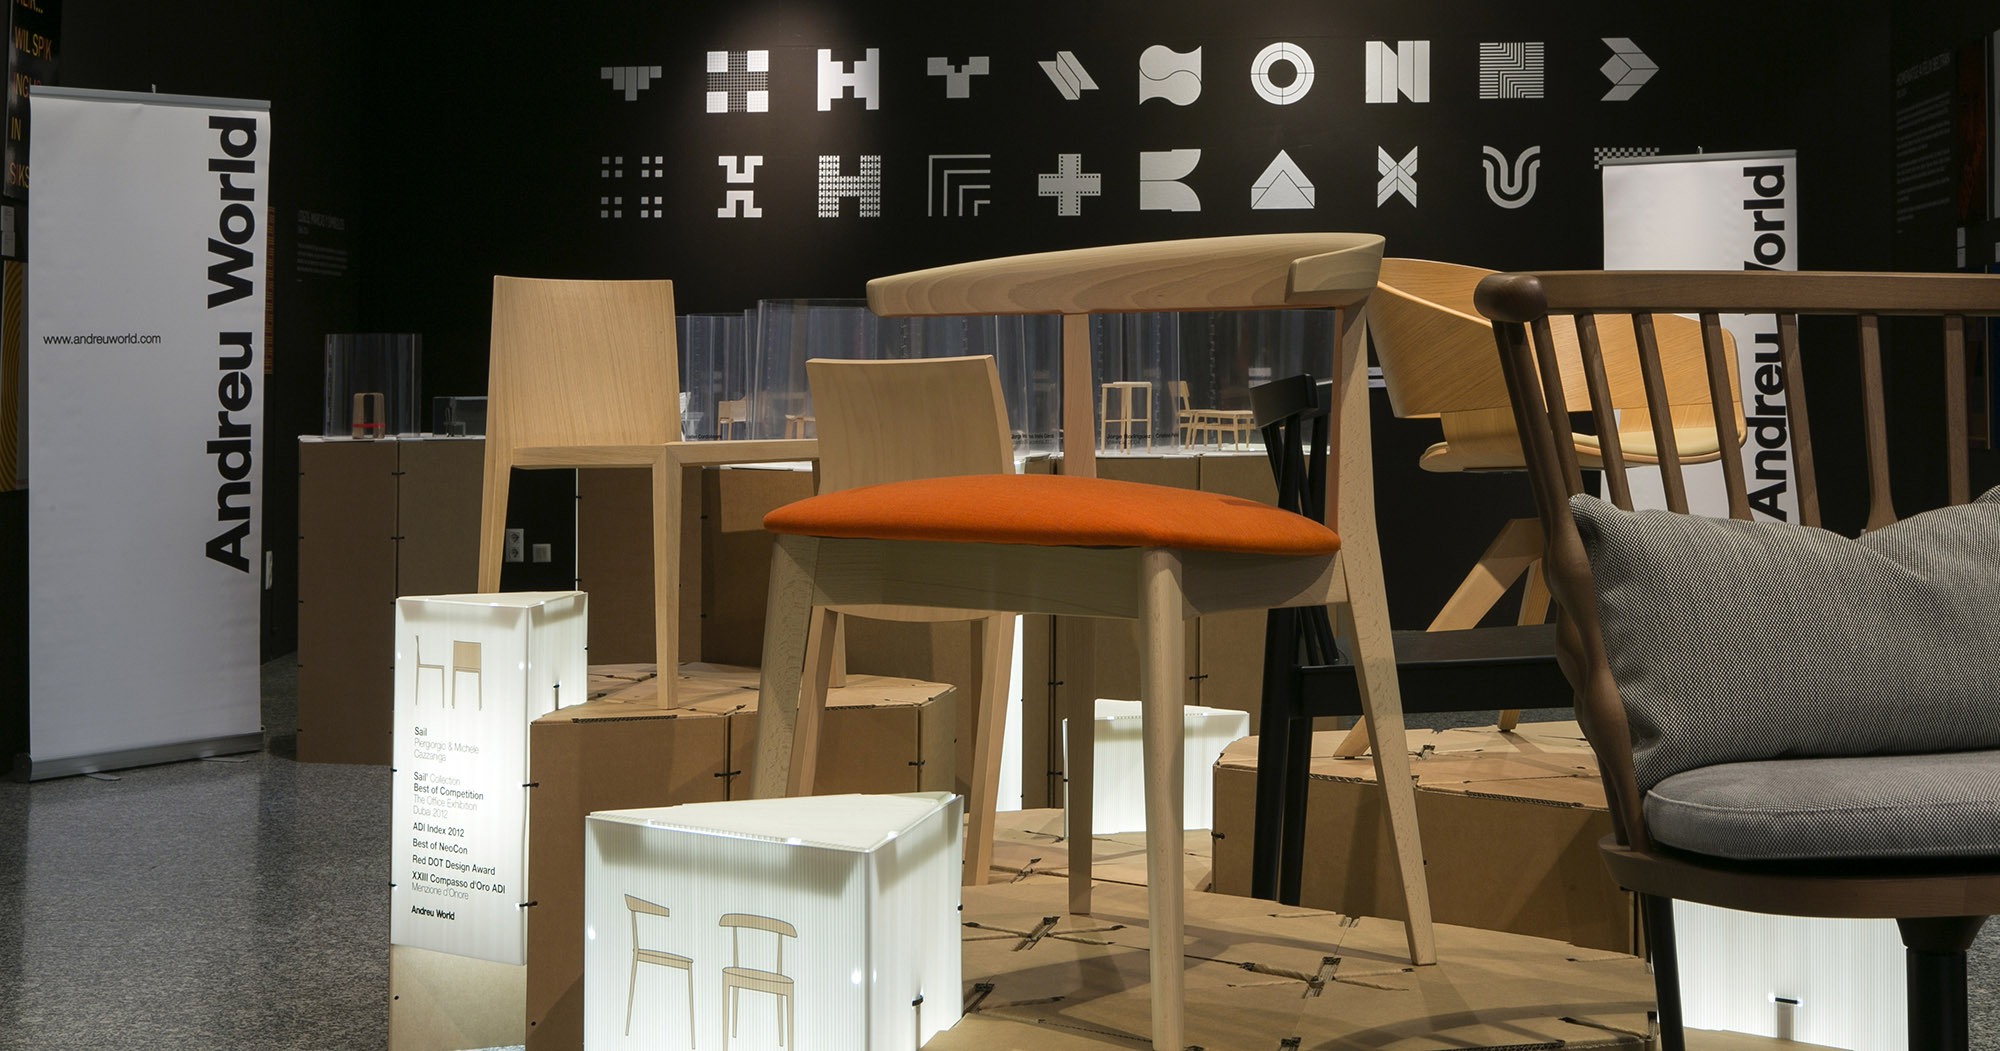 Esposición y entrega de Premios Internacionales de Diseño Andreu World 2014Montaje Expositivo Diseño de Samaruc Estudio con el Sistema Constructivo en Cartón Triplo* samarucestudio.comFoto Adolfo López fandi.es